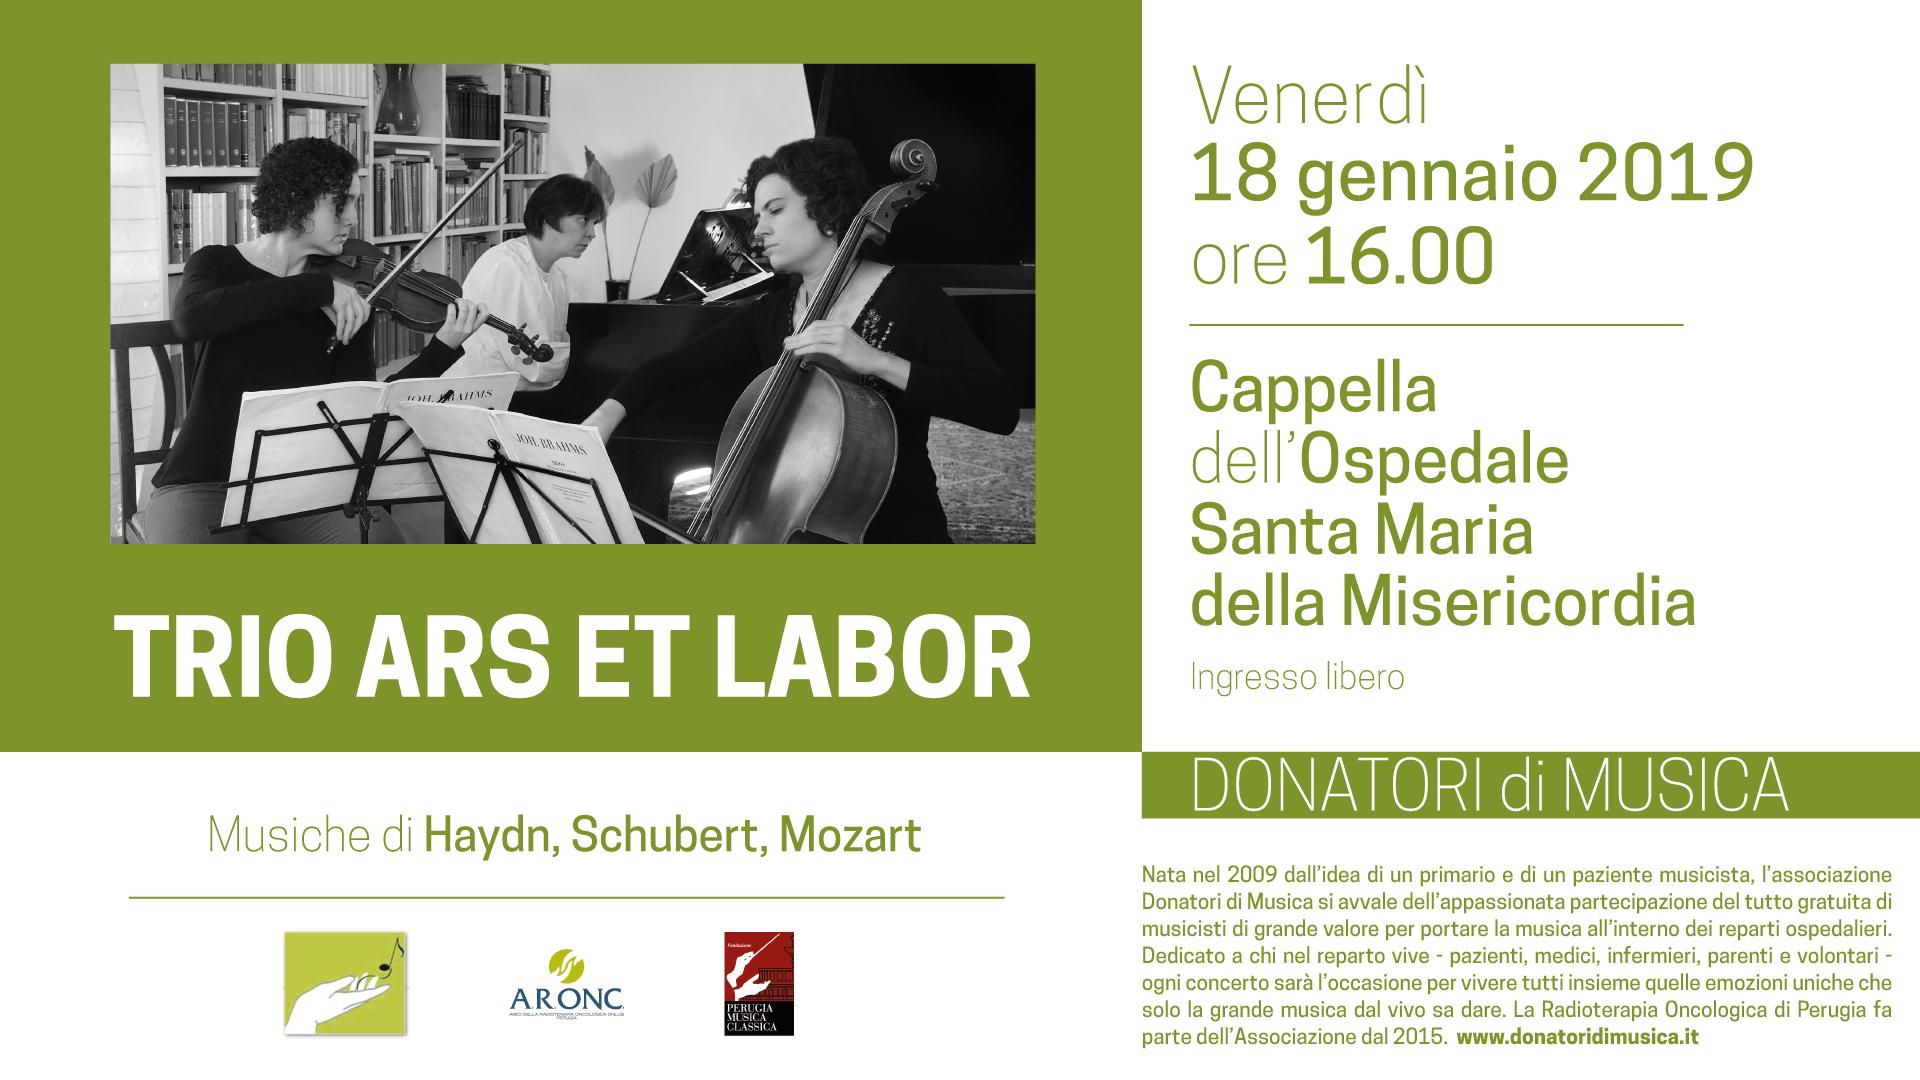 Concerto DONATORI DI MUSICA